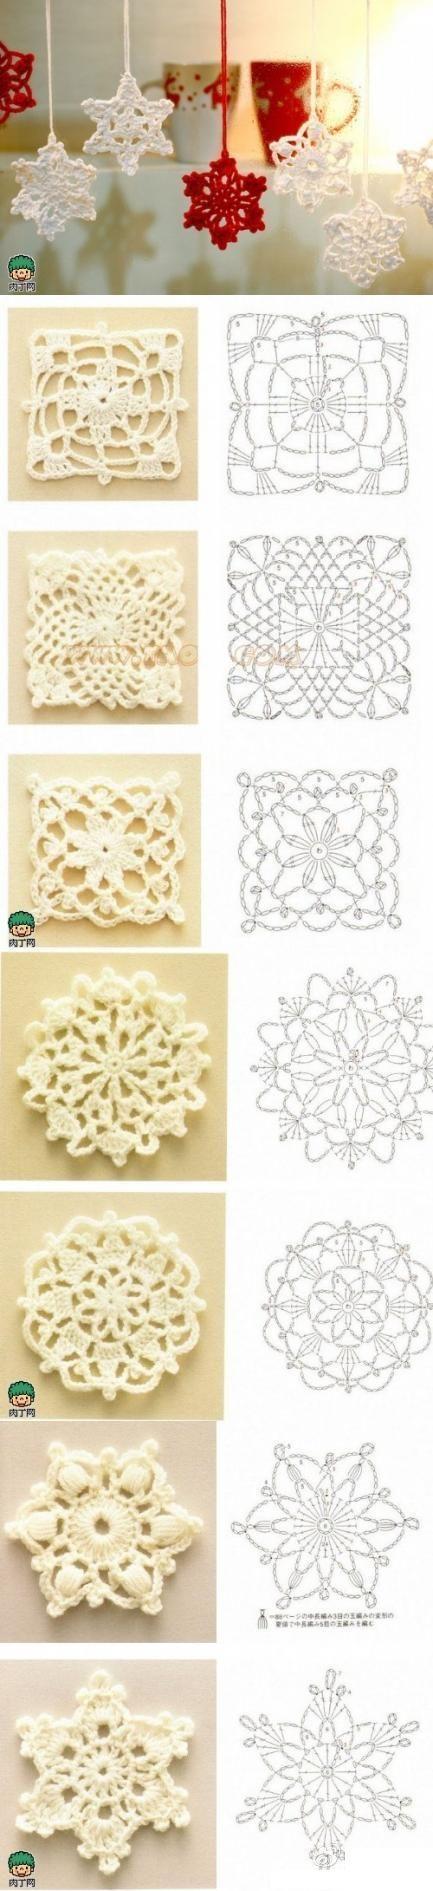 como-hacer-copos-de-nieve-tejidos-con-patrones.jpeg (433×1891) | tığ ...